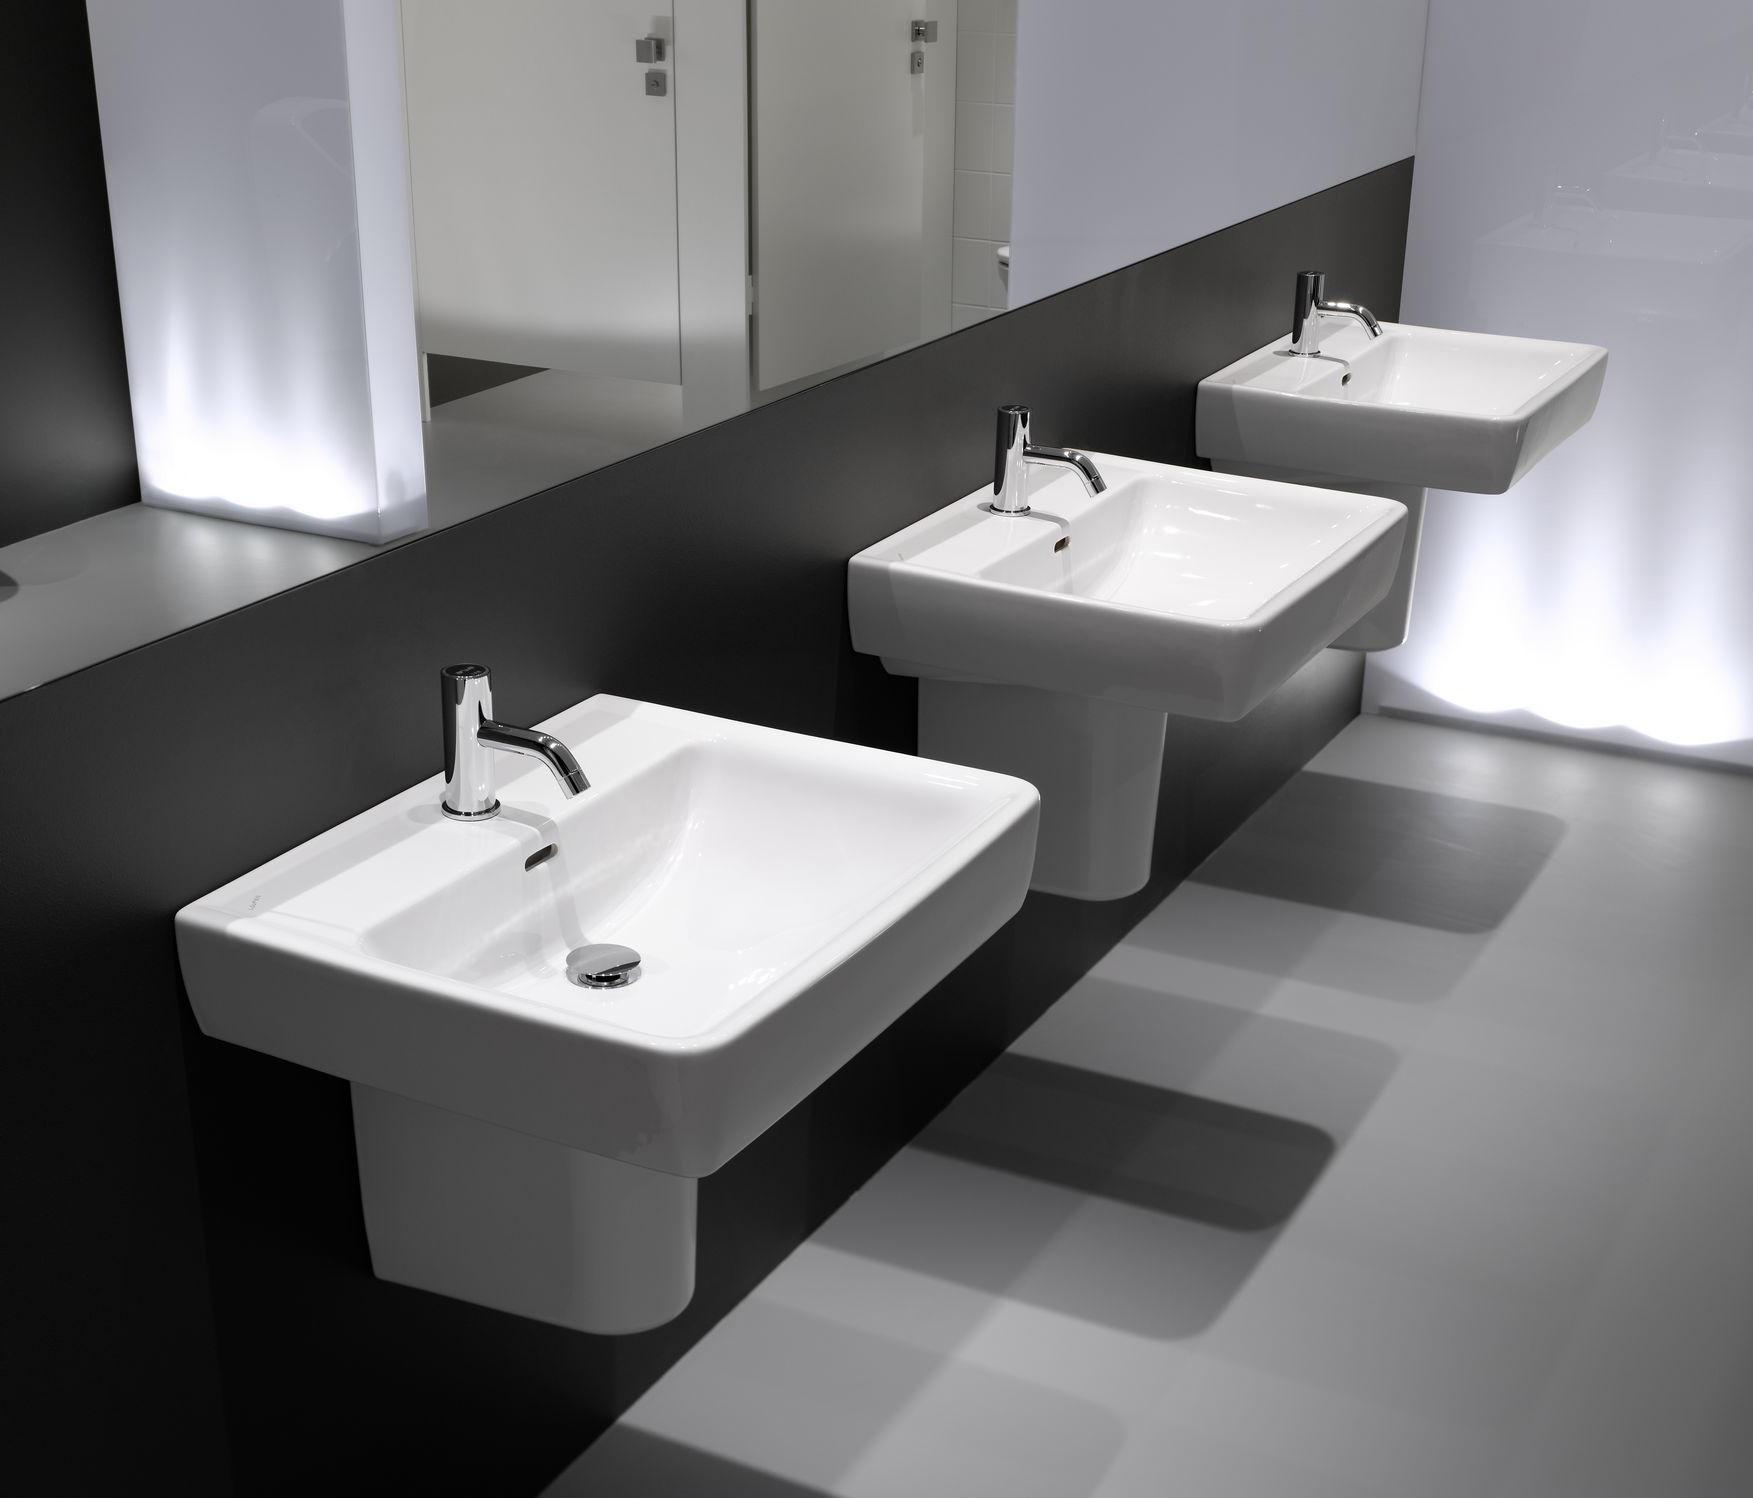 laufen pro a waschtisch schale waschtische von laufen architonic. Black Bedroom Furniture Sets. Home Design Ideas